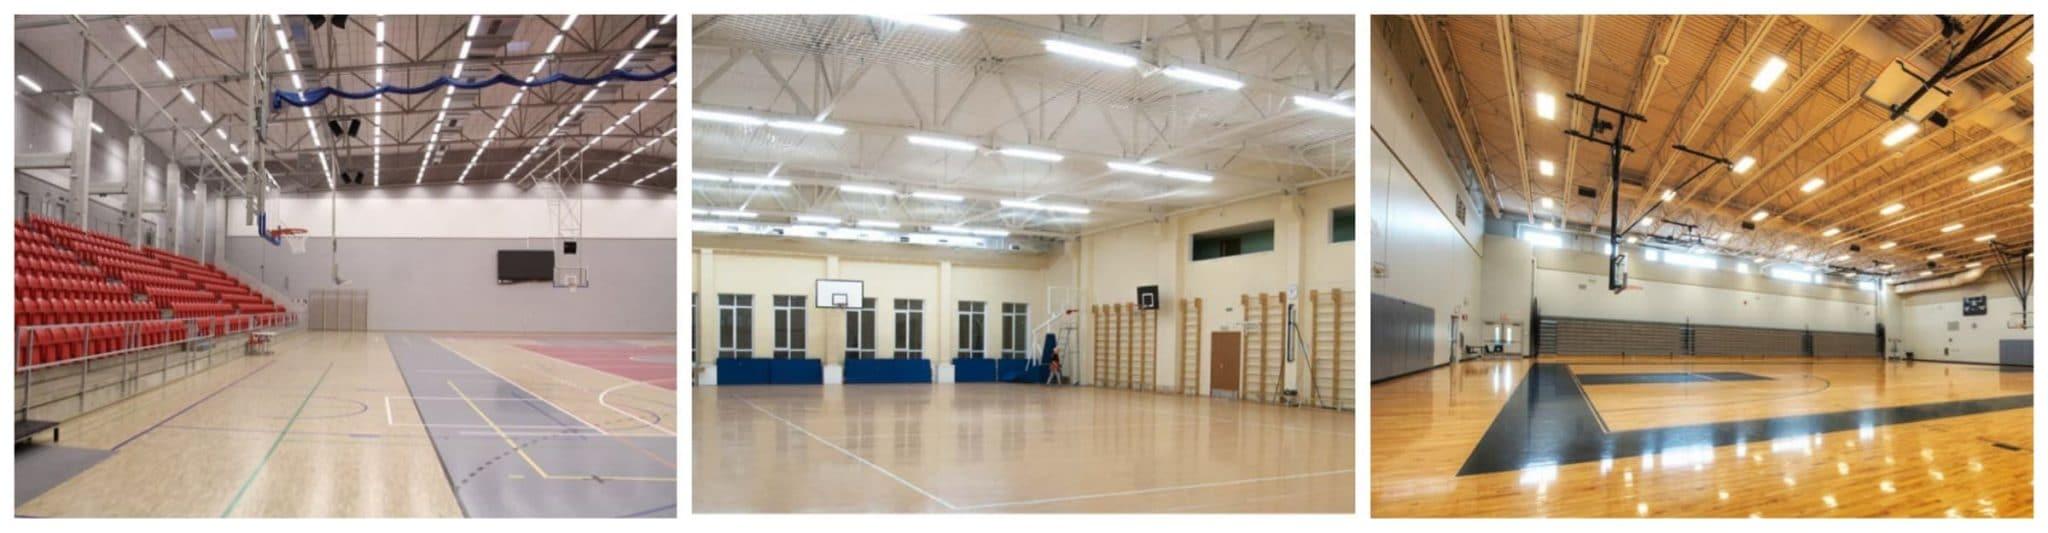 светодиодное освещение для спортивных залов